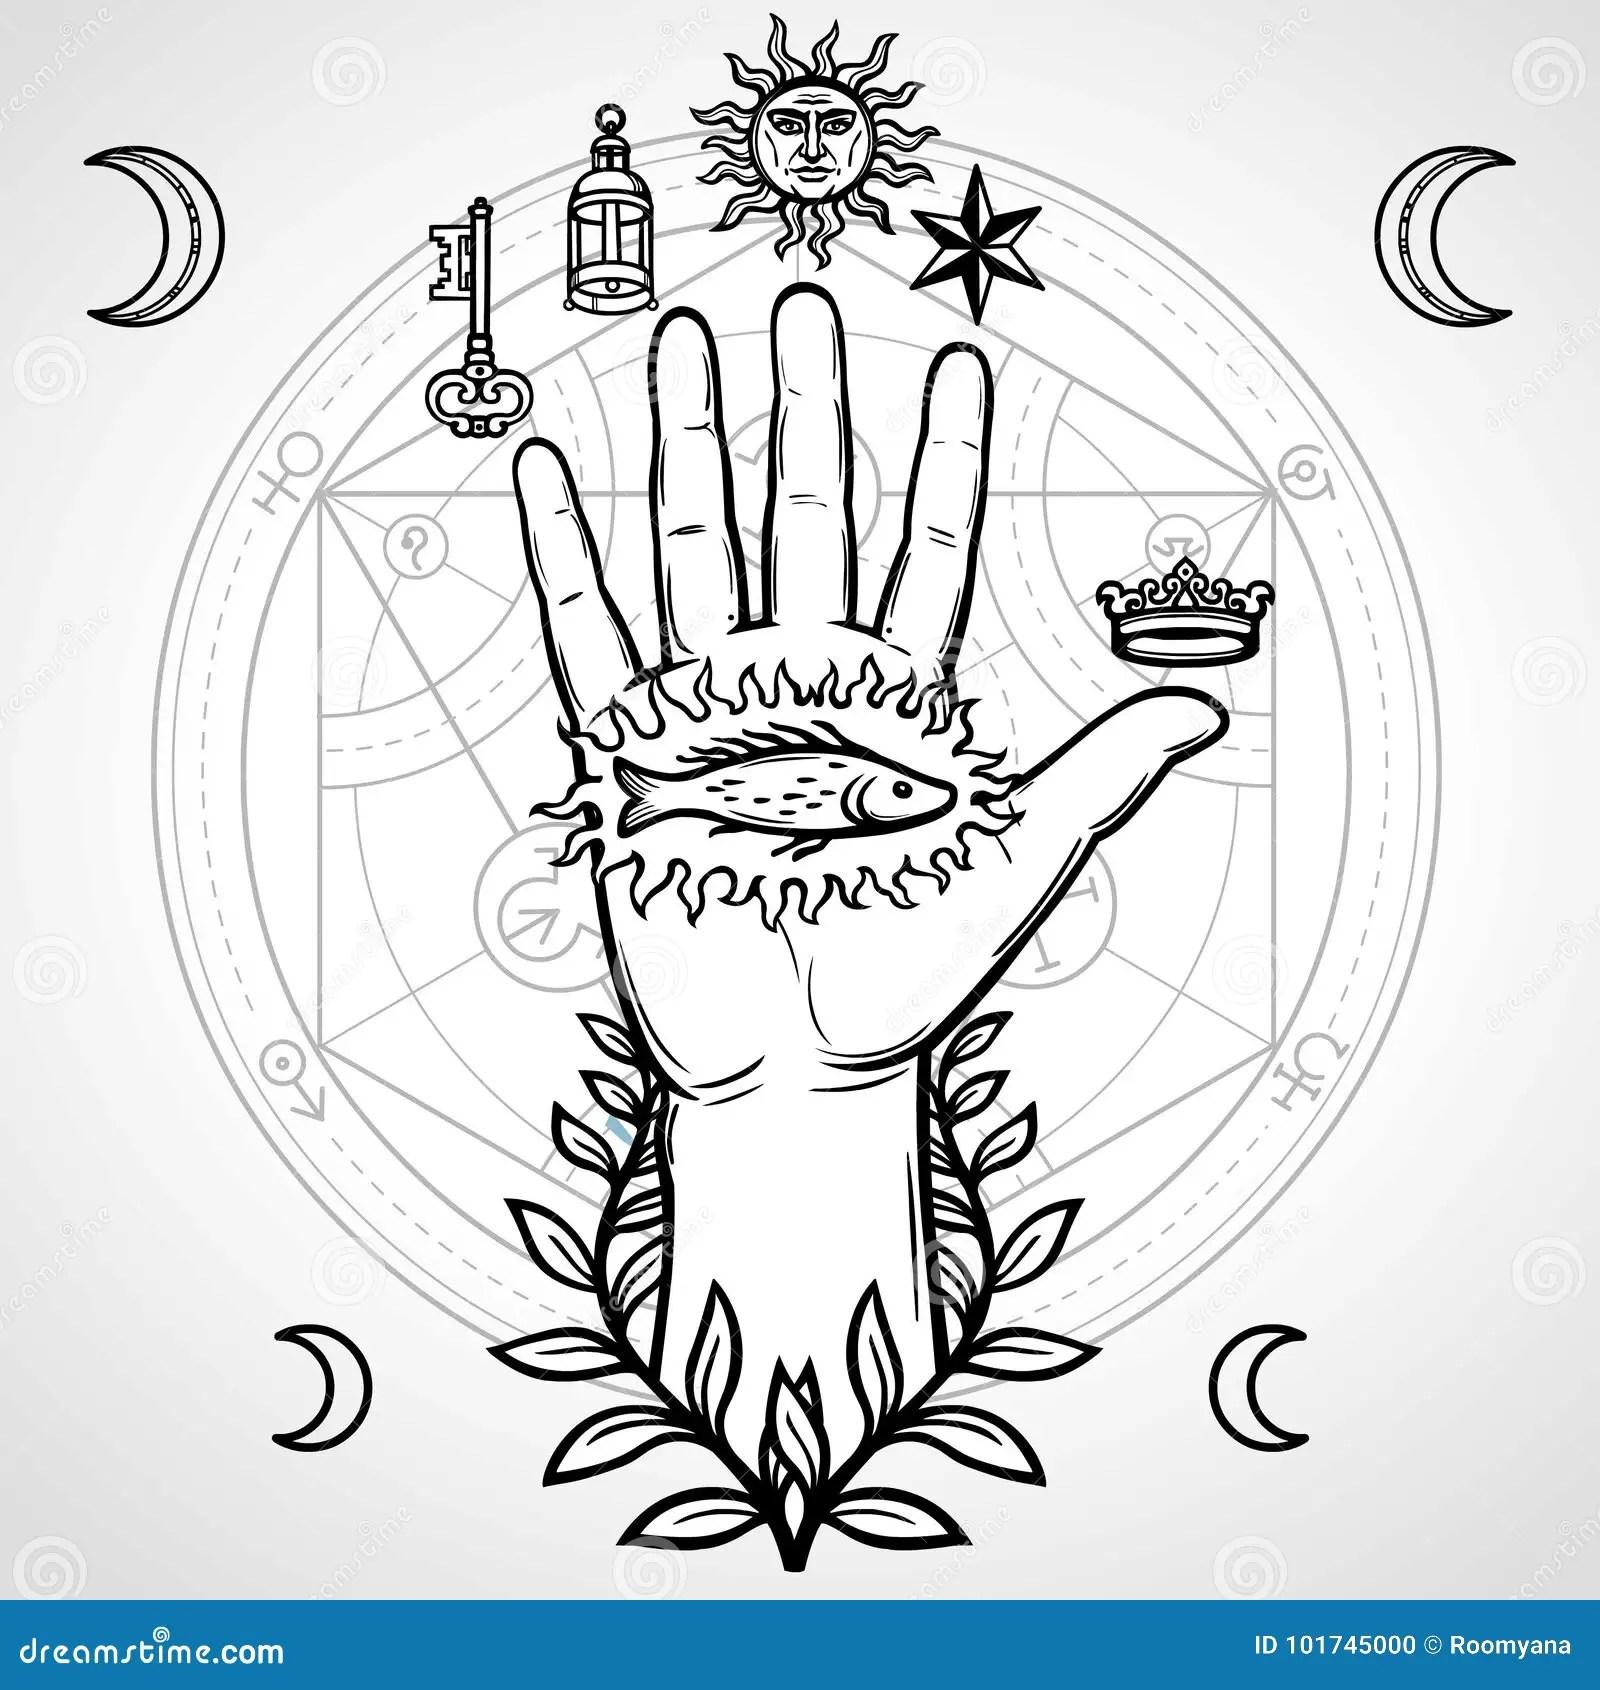 Symbole Mystique Main Humaine La Geometrie Sacree Cercle Alchimique Des Transformations